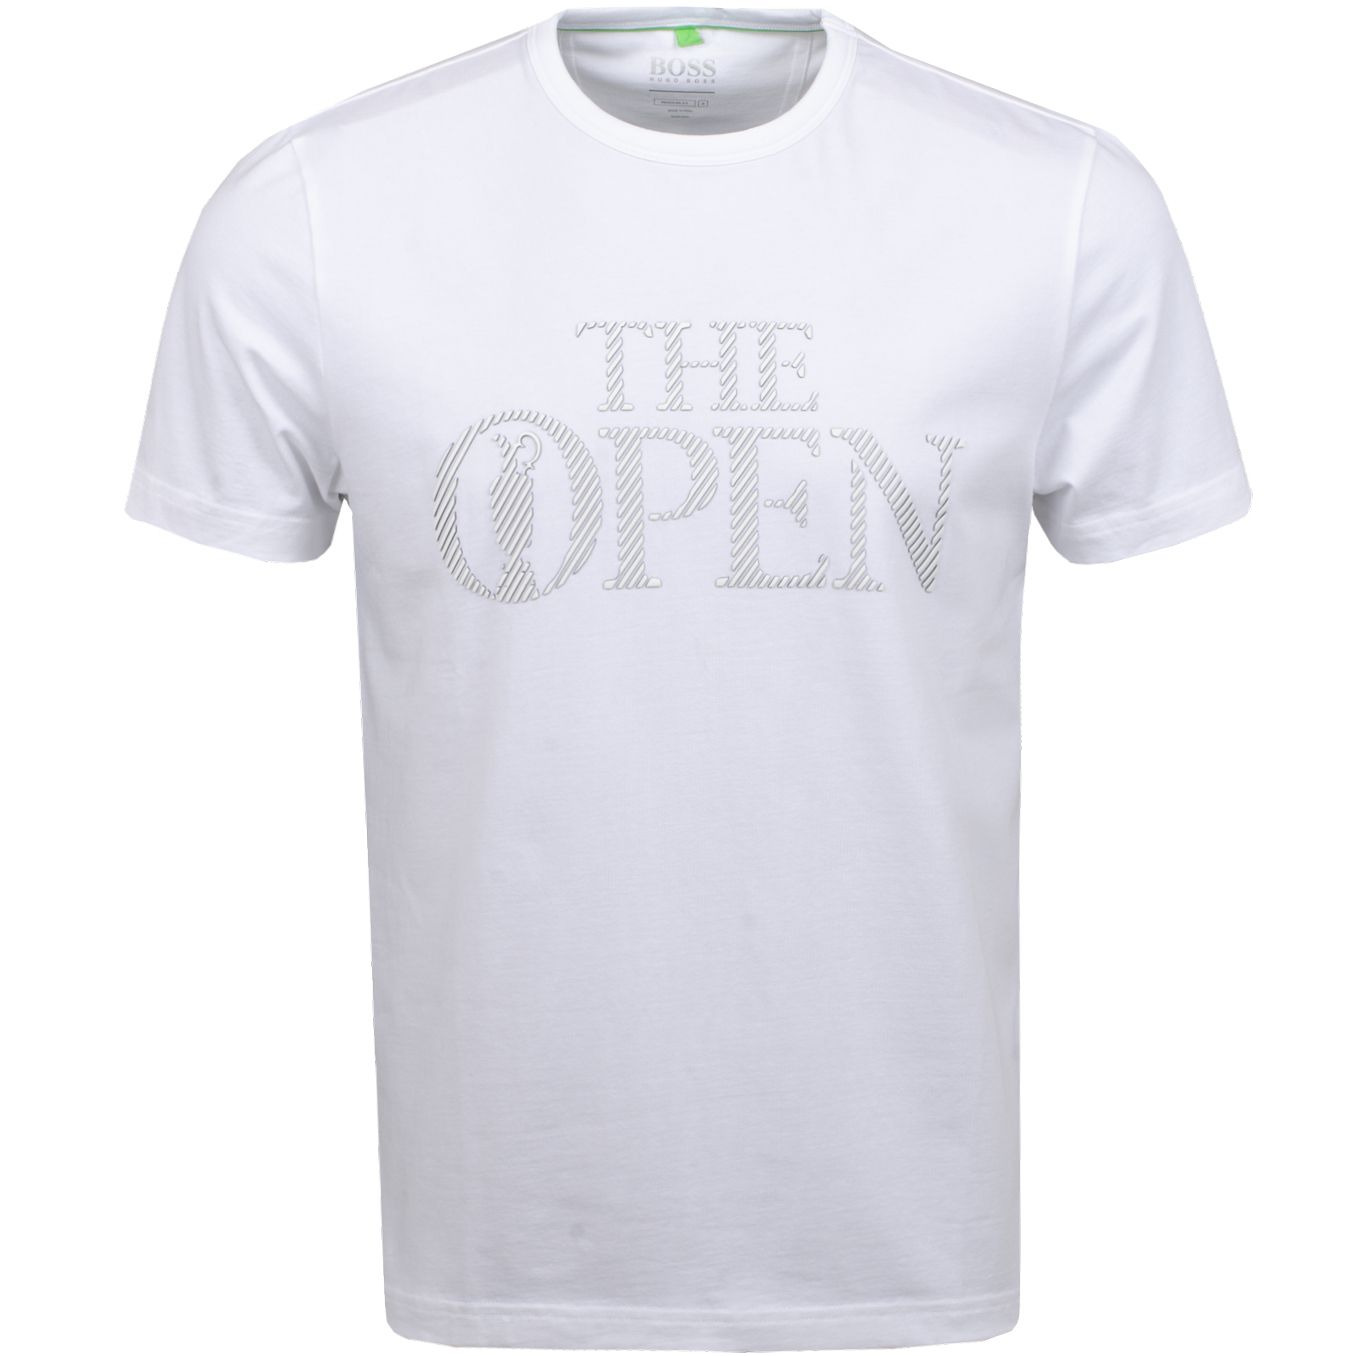 BOSS Teyne T Shirt in White